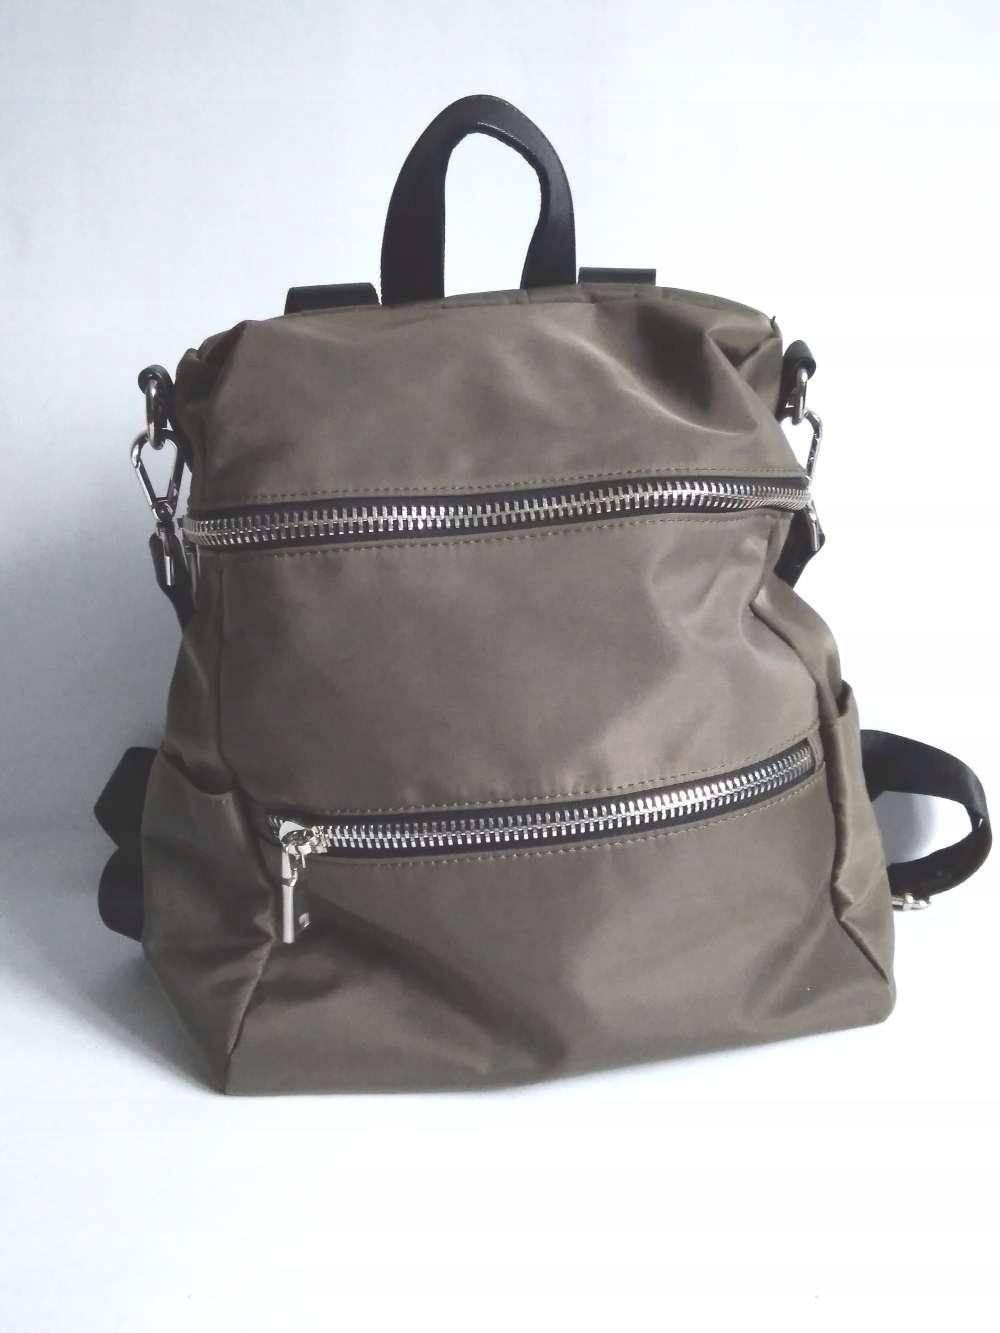 04a4be7cbd3 Torebka/plecak 2 w 1